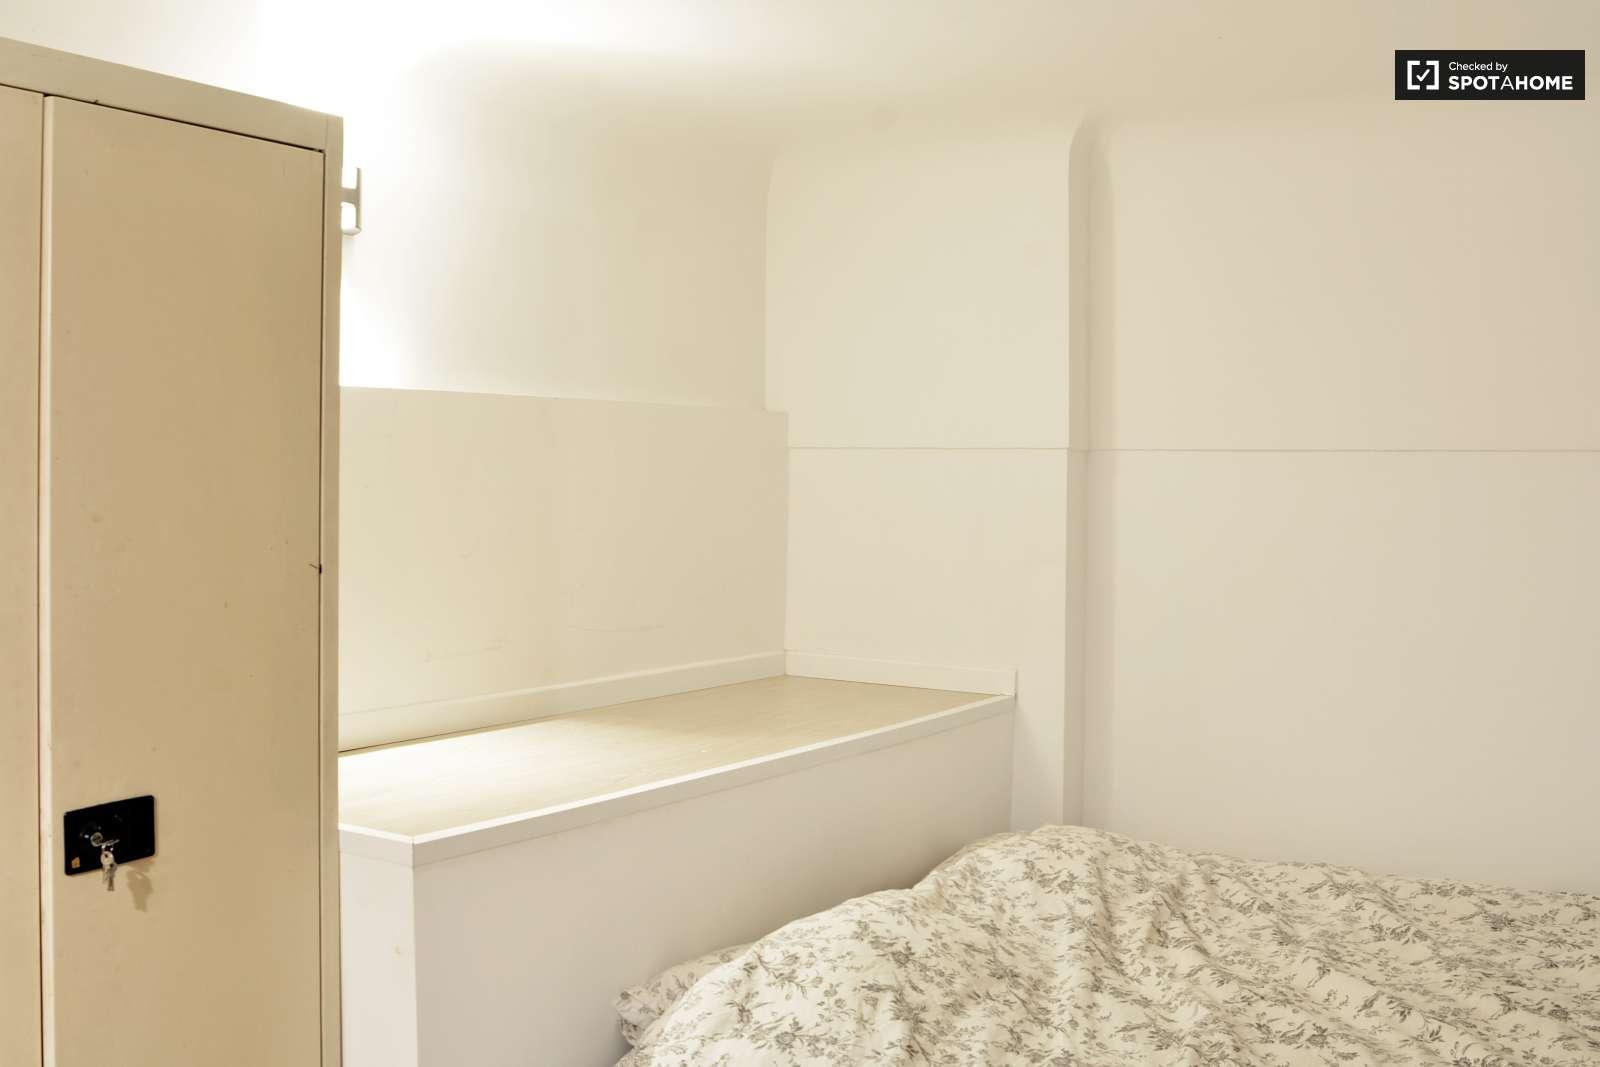 Appartement duplex de 1 chambre louer ixelles - Appartement a louer chambres bruxelles ...